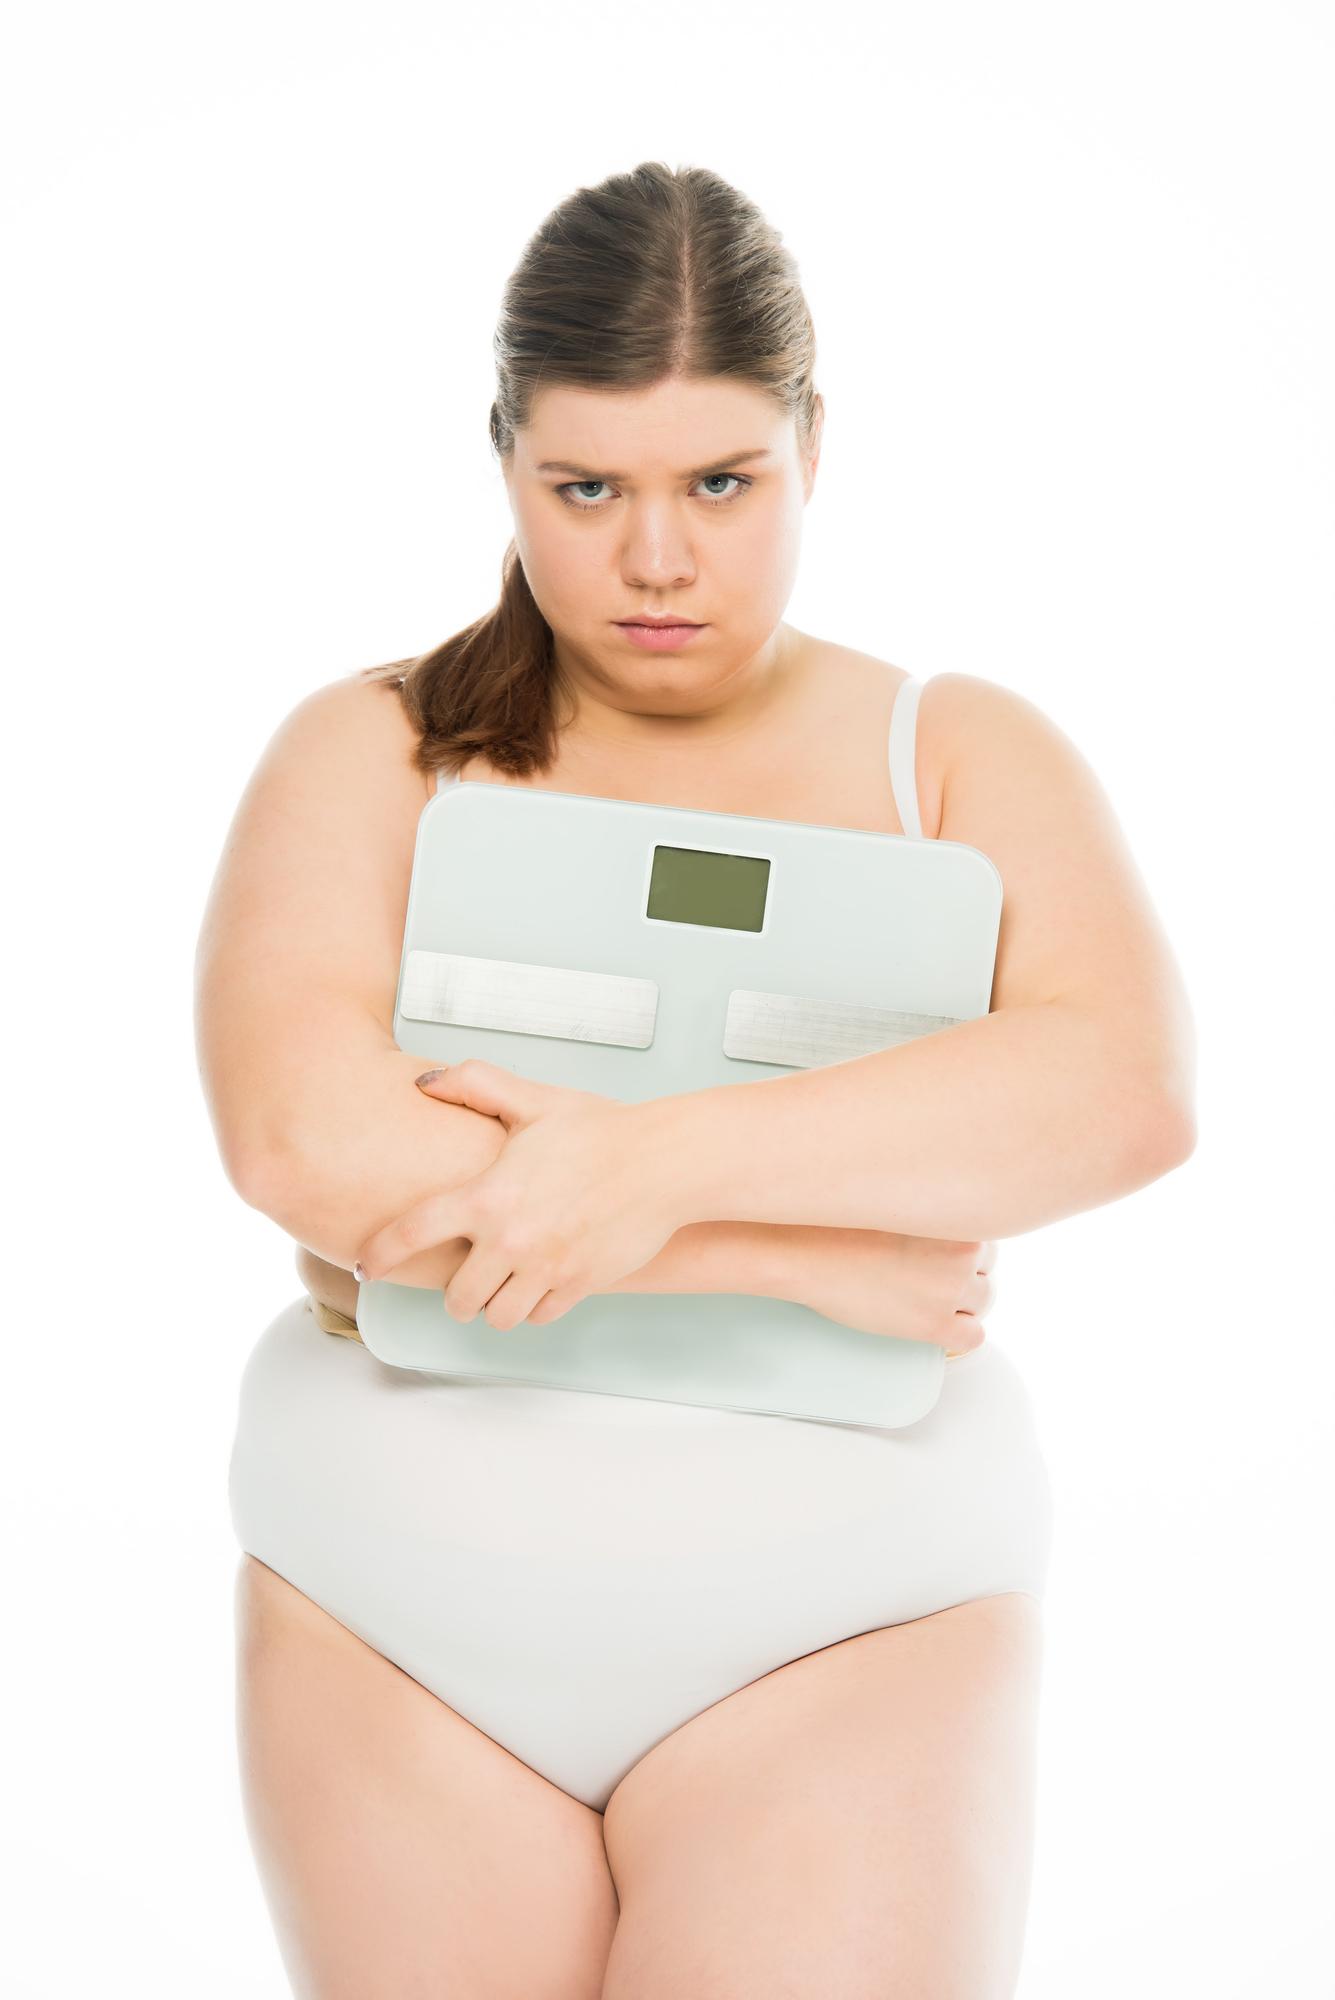 mujer sosteniendo balanza